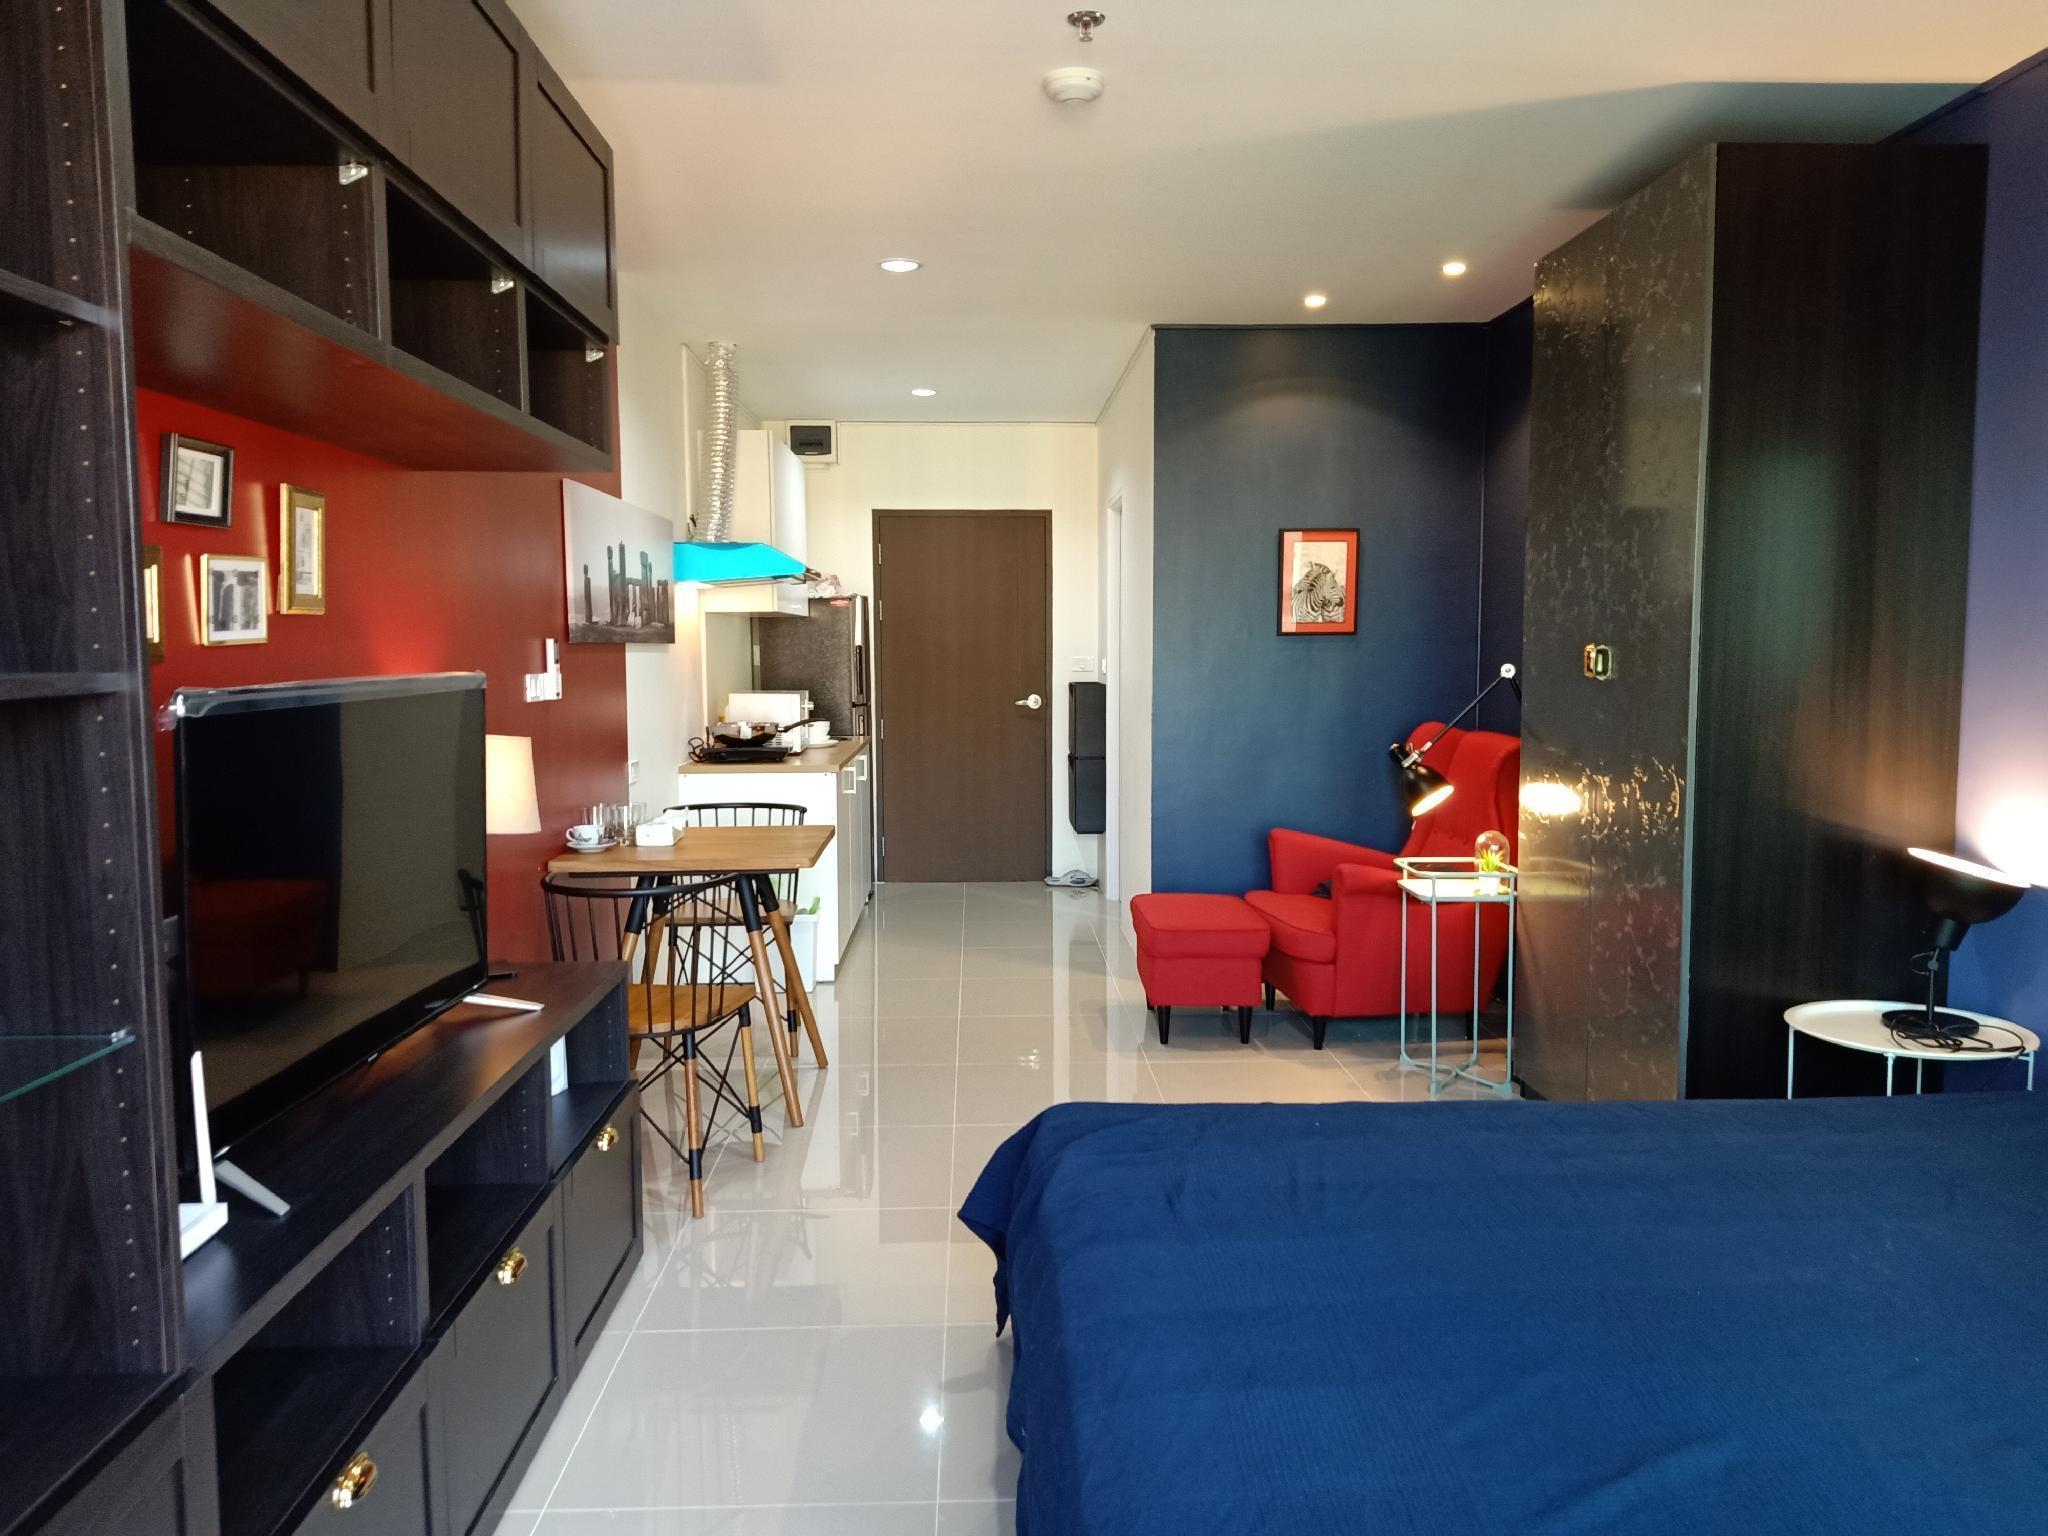 Brand new Condo, near Airport link Huamak อพาร์ตเมนต์ 1 ห้องนอน 1 ห้องน้ำส่วนตัว ขนาด 30 ตร.ม. – บางนา